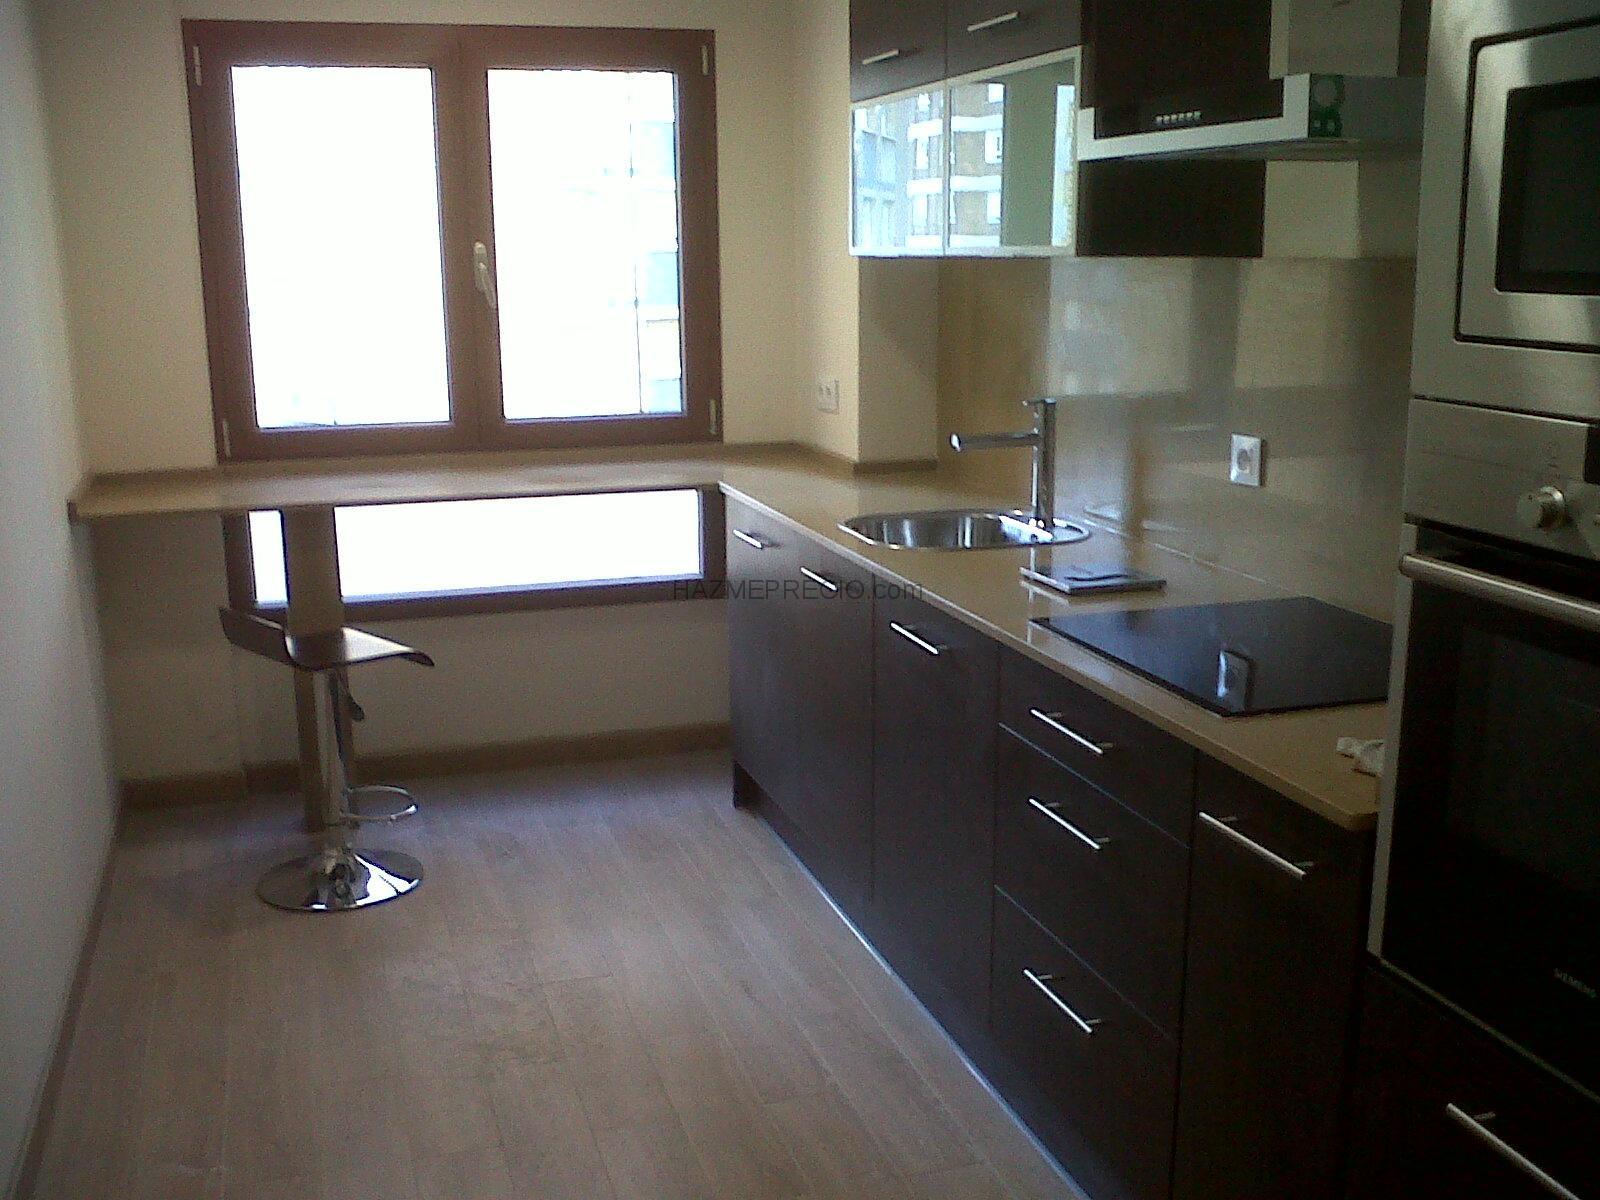 Piedras y marmoles miyares 33404 corvera de asturias for Ofertas cocinas completas